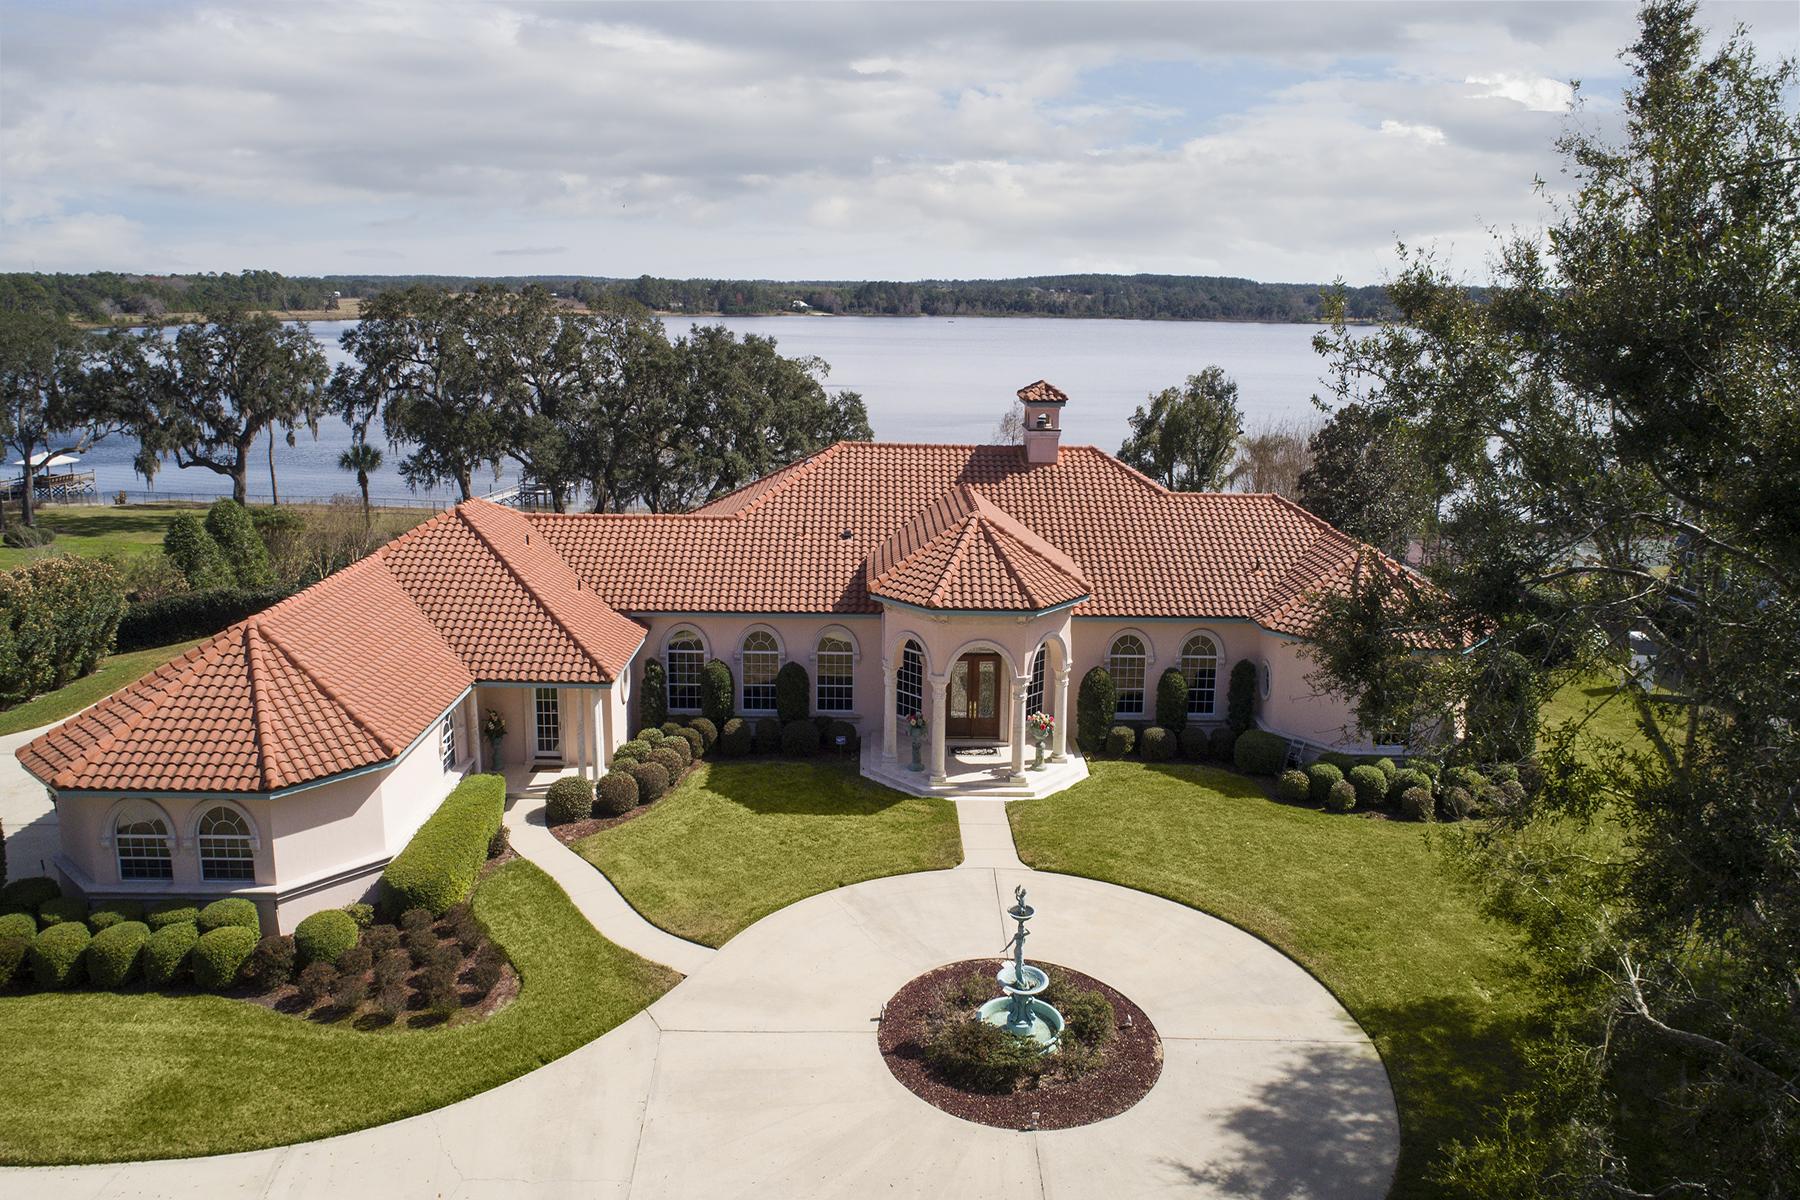 Частный односемейный дом для того Продажа на ORLANDO - UMATILLA 38210 Timberlane Dr, Umatilla, Флорида 32784 Соединенные Штаты